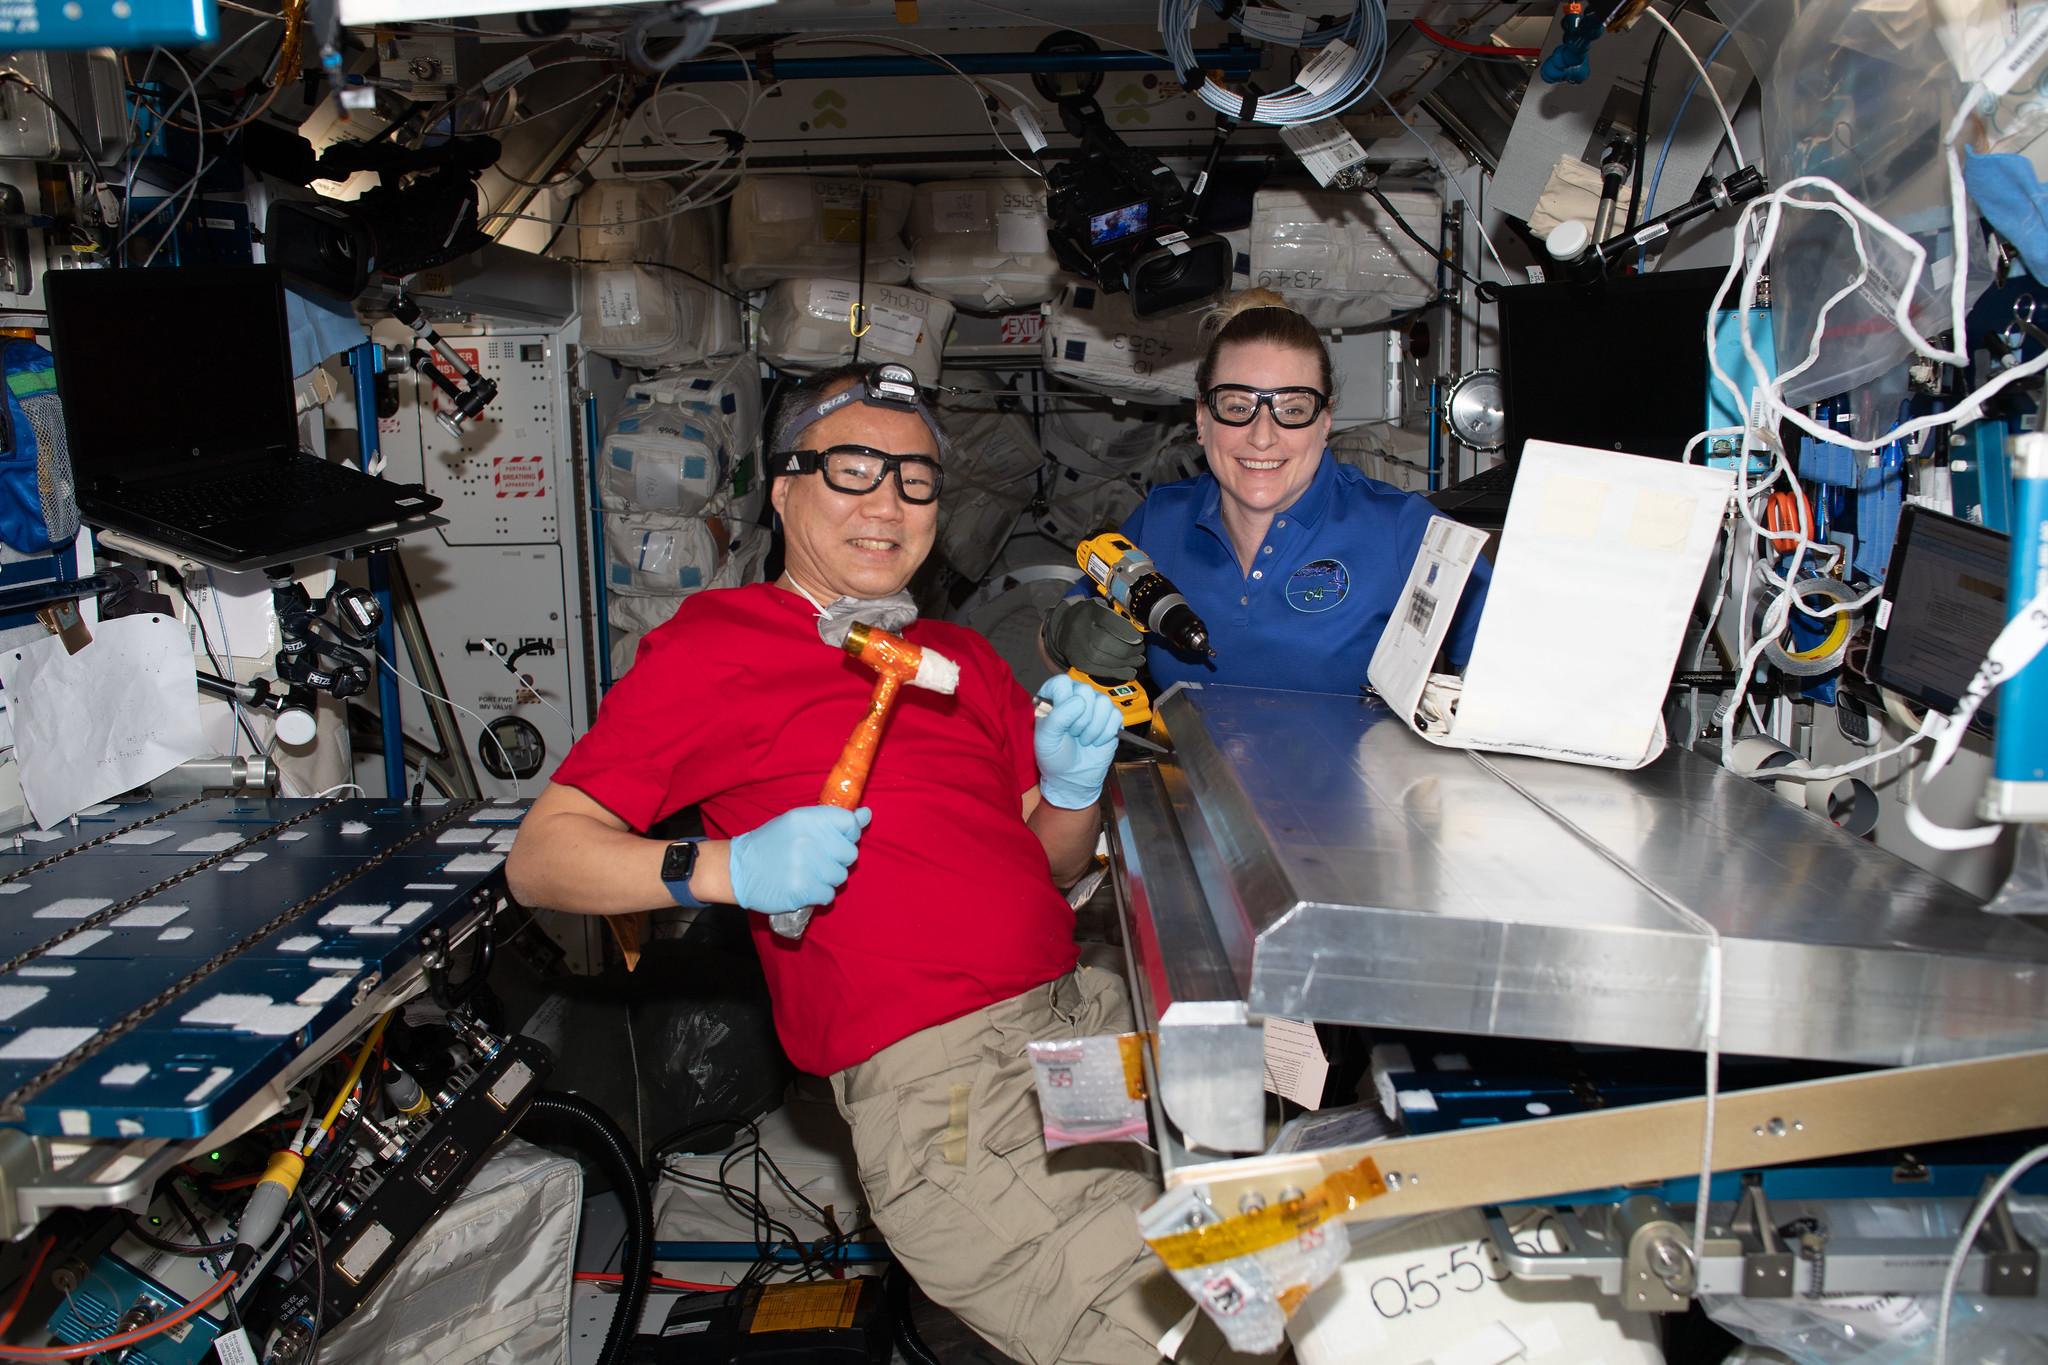 Les ingénieurs de vol de l'Expédition 64 Soichi Noguchi de l'Agence japonaise d'exploration aérospatiale et Kate Rubins de la NASA configurent un bouclier anti-rayonnement pour les dortoirs temporaires, ou le logement alternatif de l'équipage (CASA).  La CASA offrira un espace supplémentaire pour la courte période pendant laquelle jusqu'à 11 membres d'équipage occuperont la Station spatiale internationale en avril.